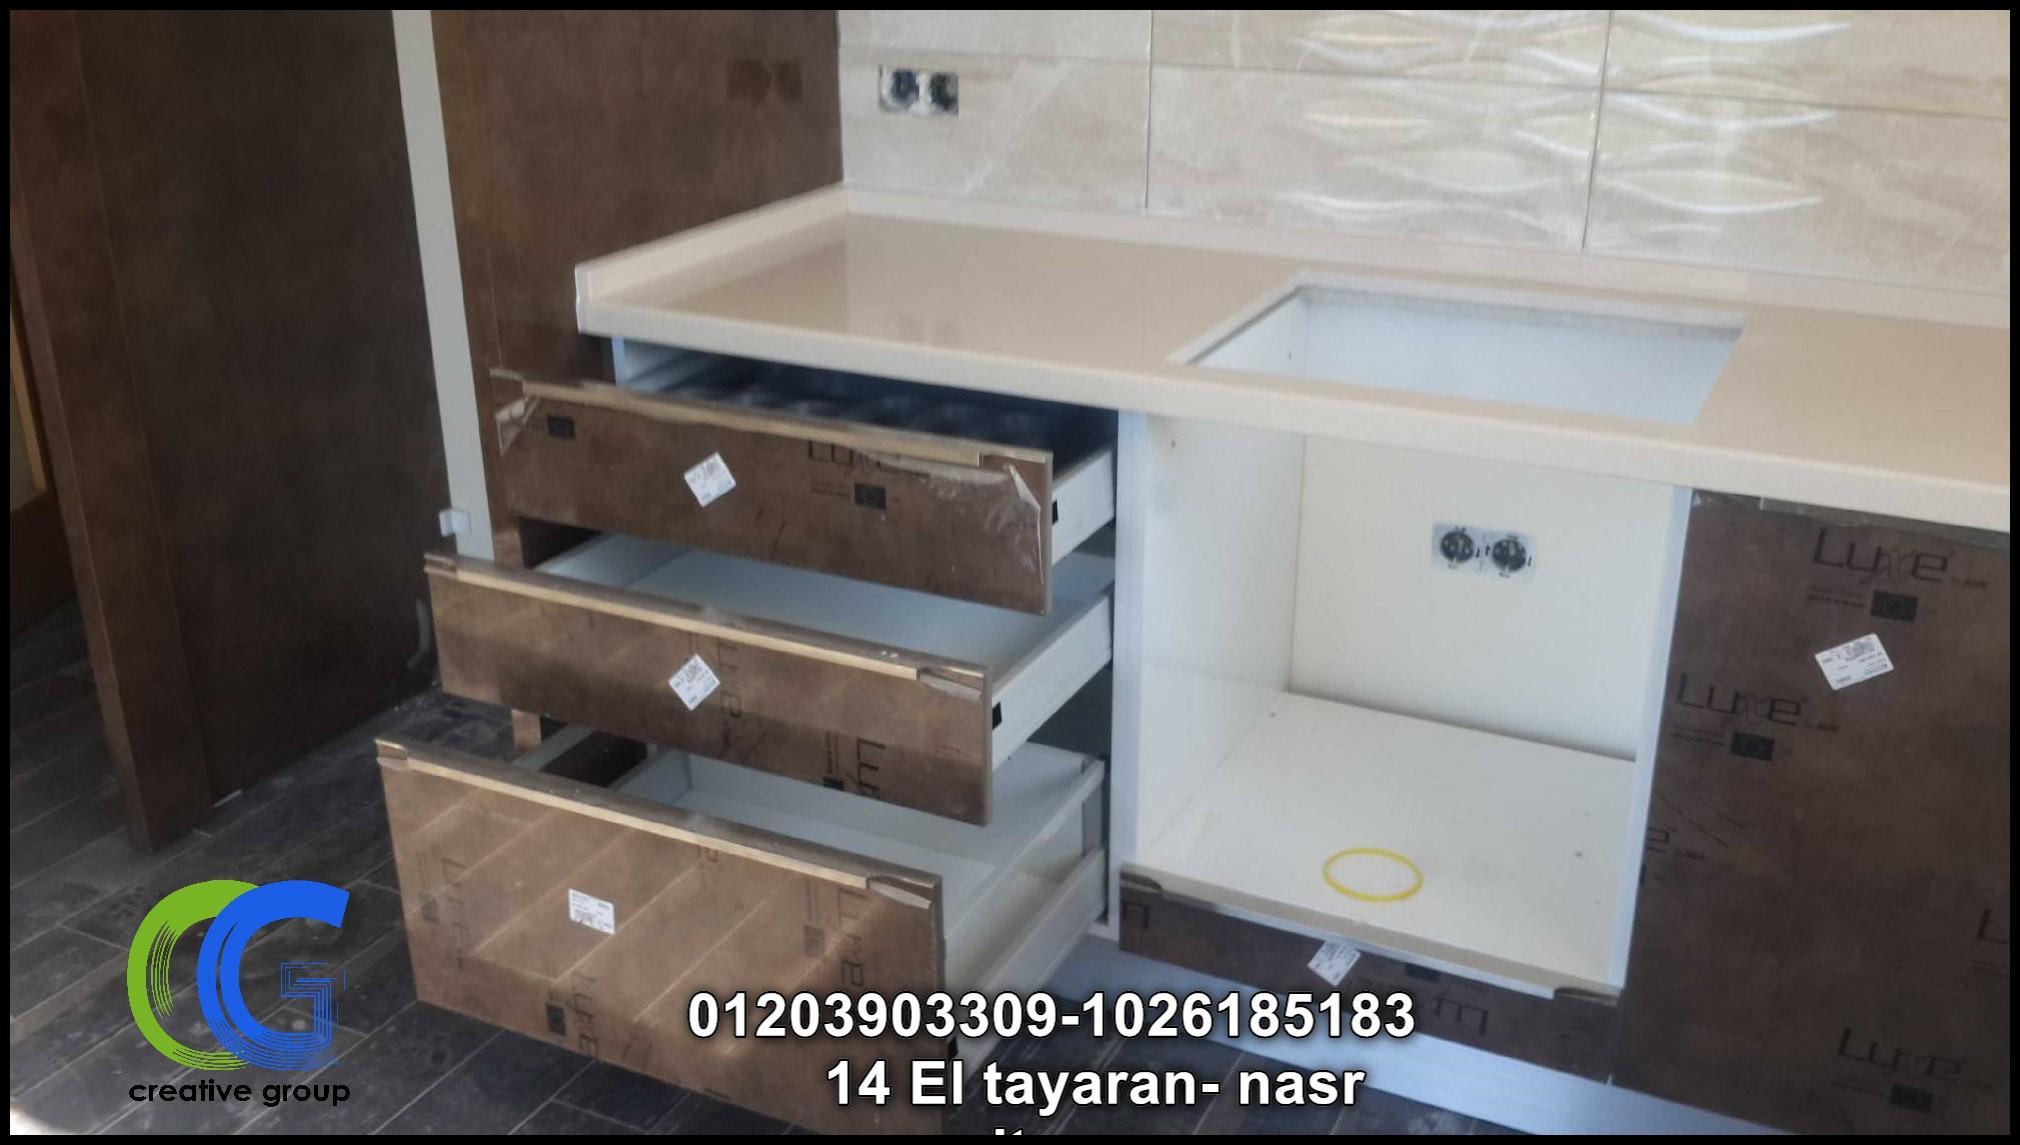 مطابخ صغيرة  – كرياتف جروب للمطابخ للاتصال 01203903309 179862527